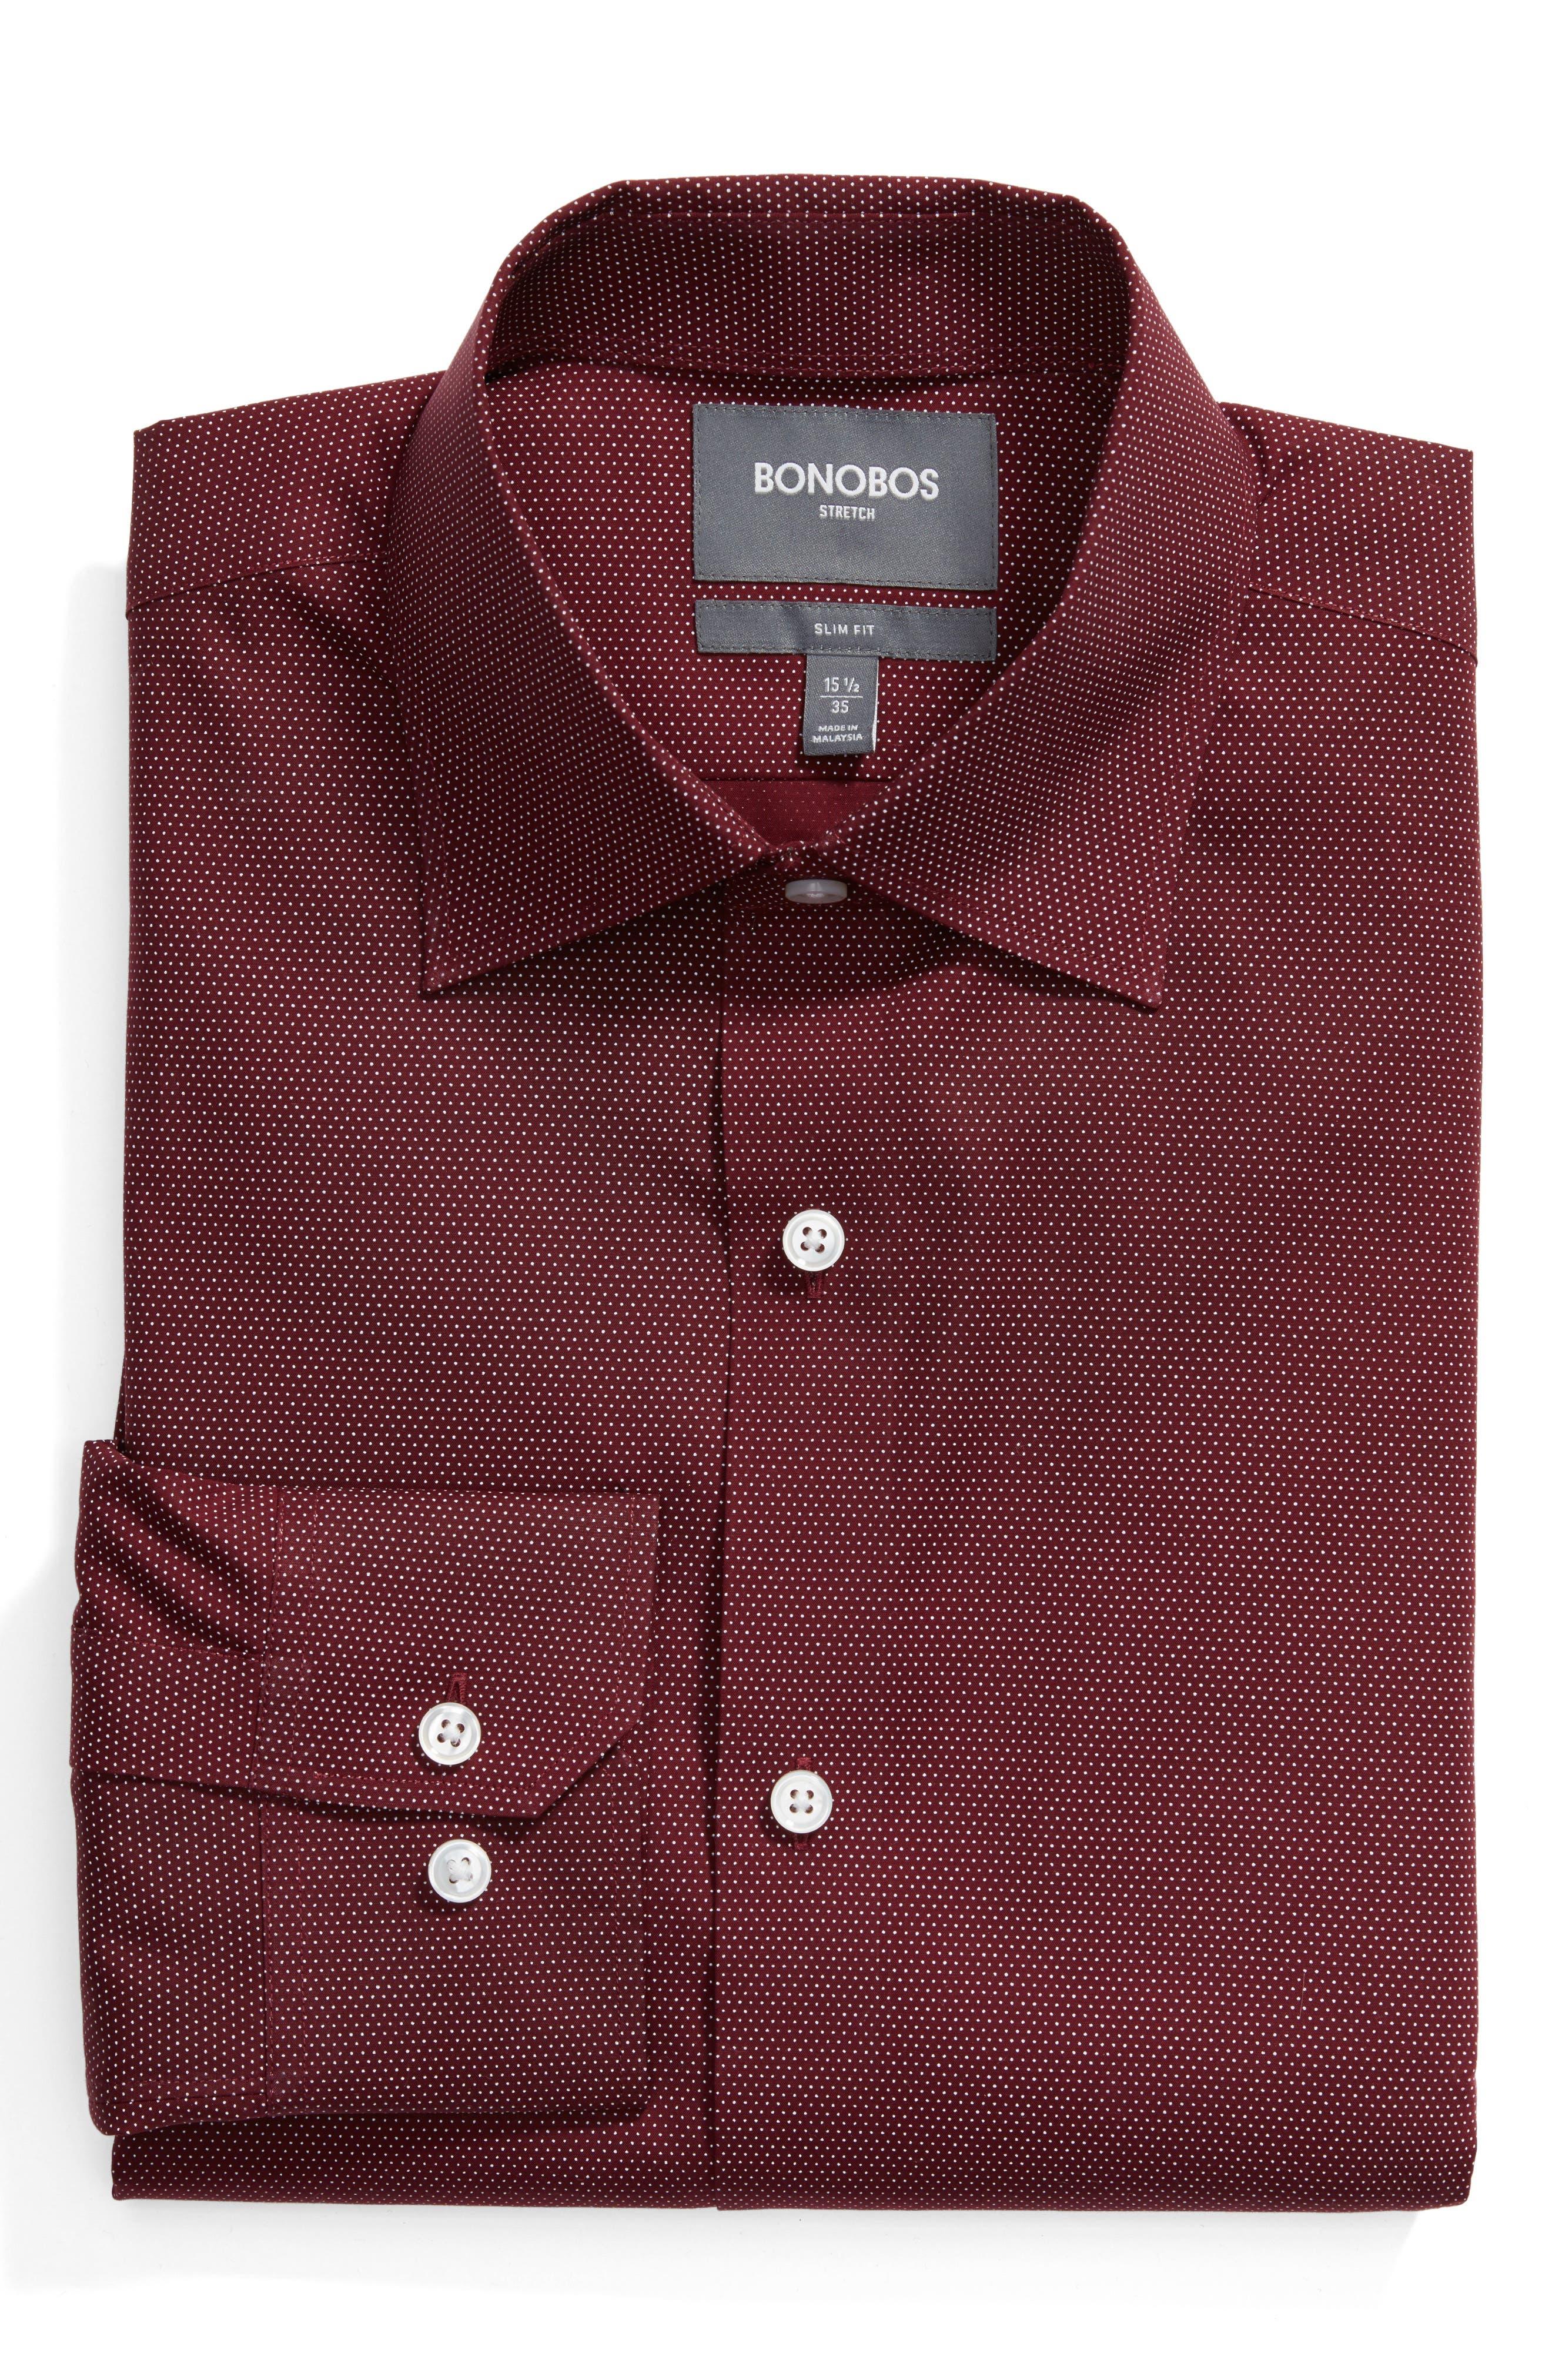 Alternate Image 1 Selected - Bonobos Slim Fit Dot Dress Shirt